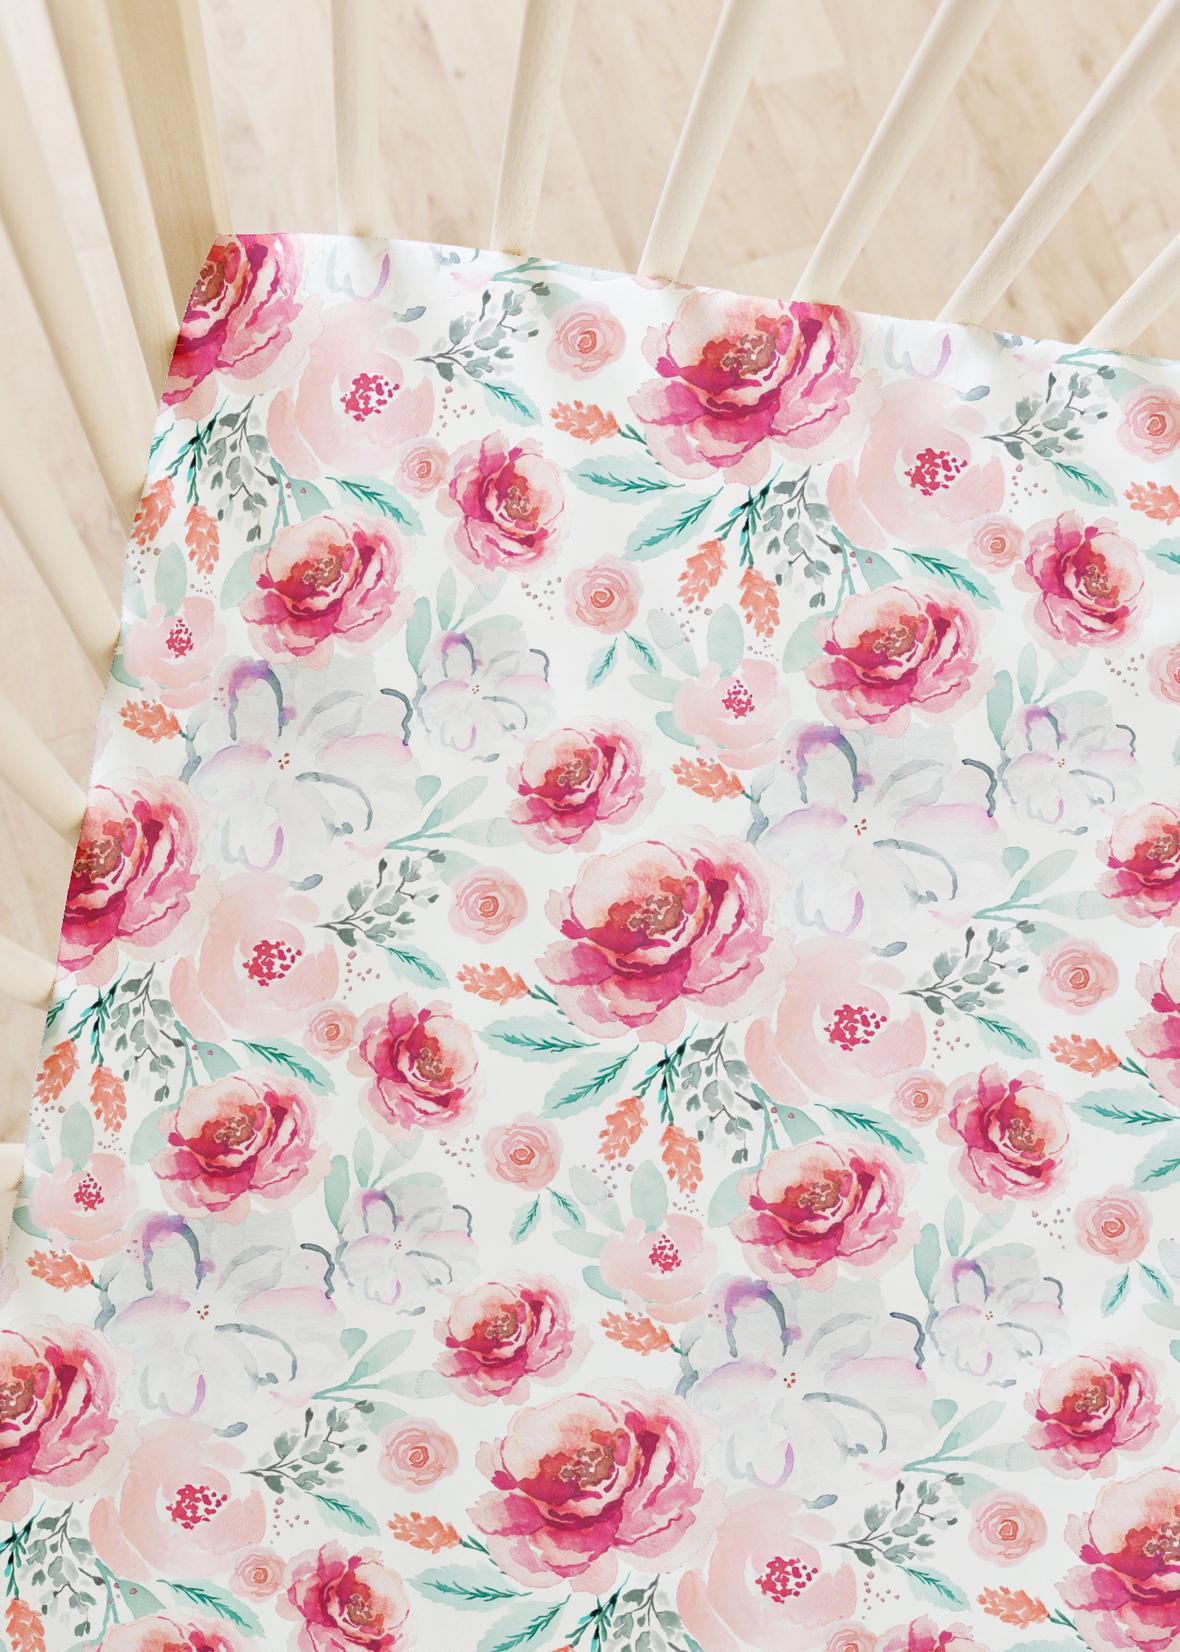 crib sheet secret admirer 1